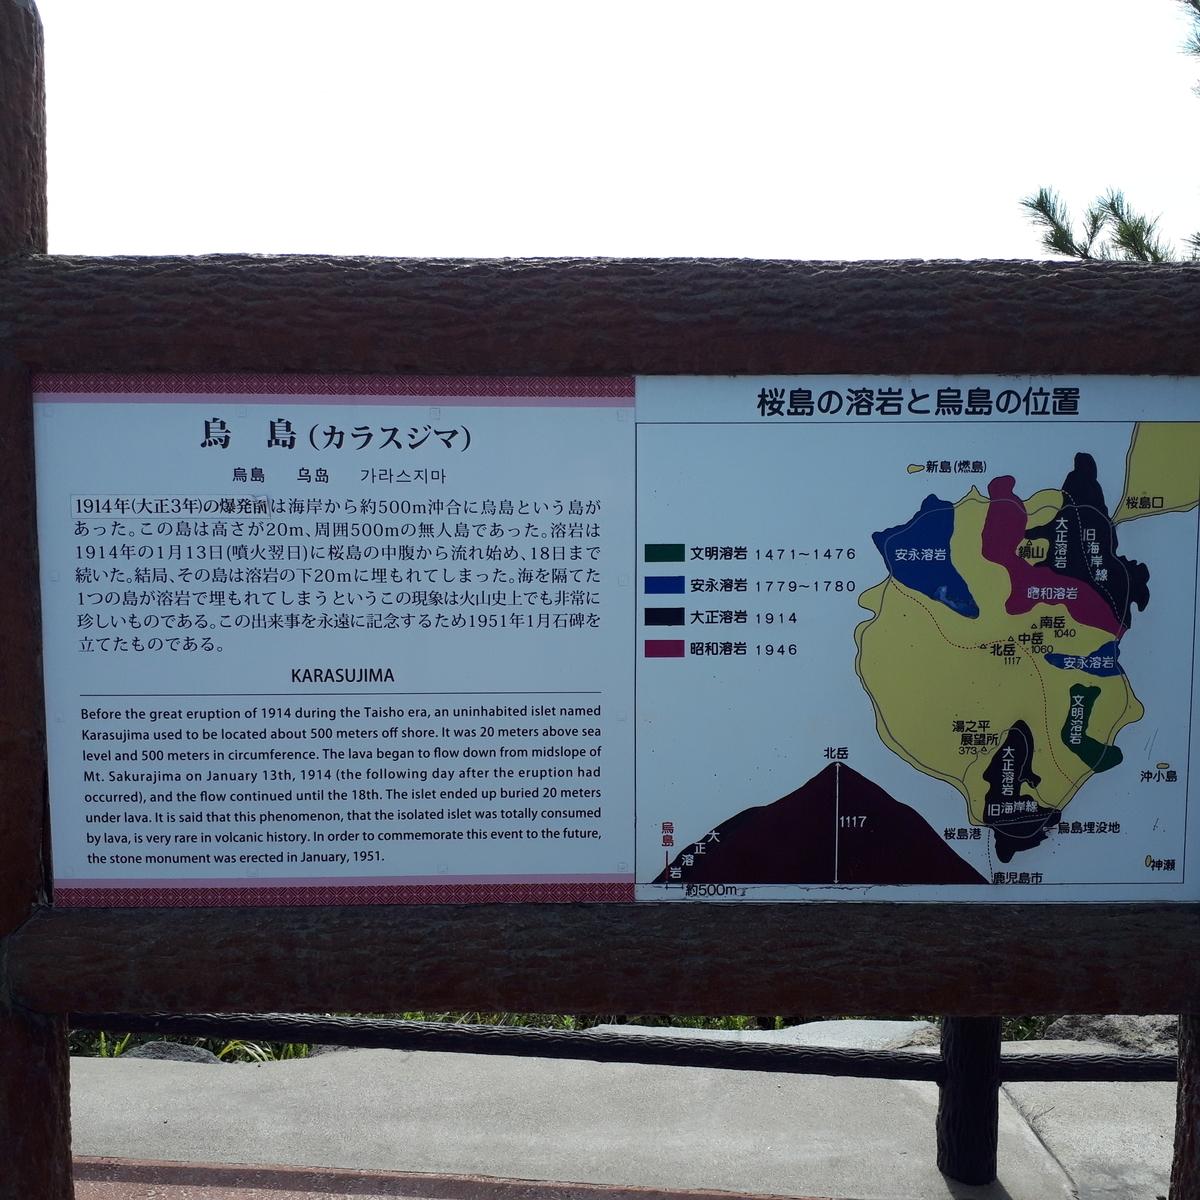 桜島 烏島展望所